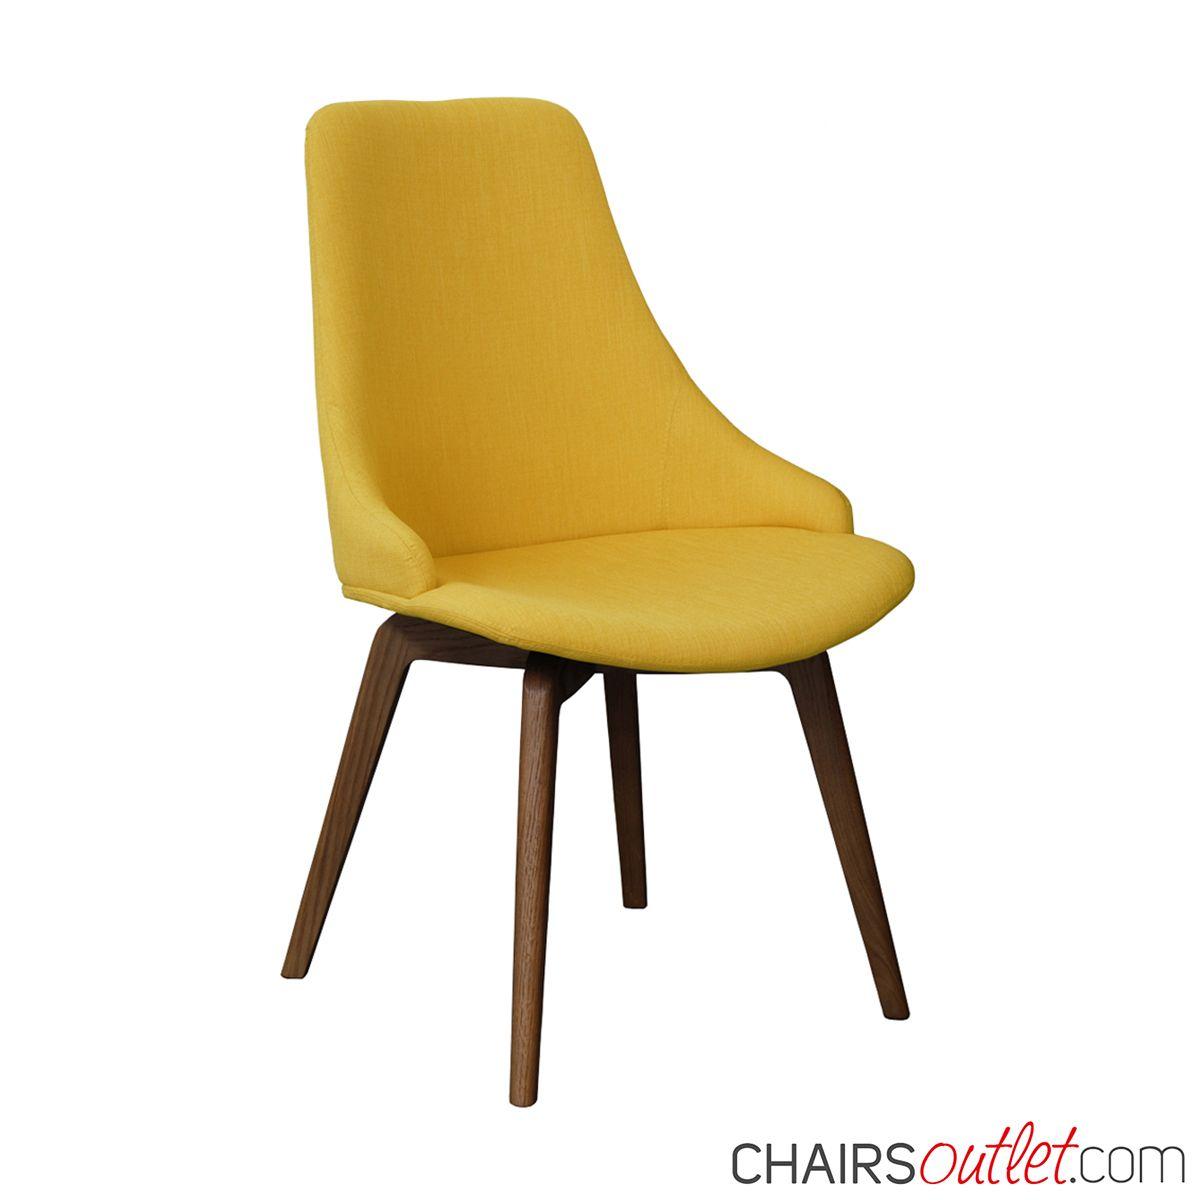 Sedia da #soggiorno #madeinItaly in #legno di #rovere tinto